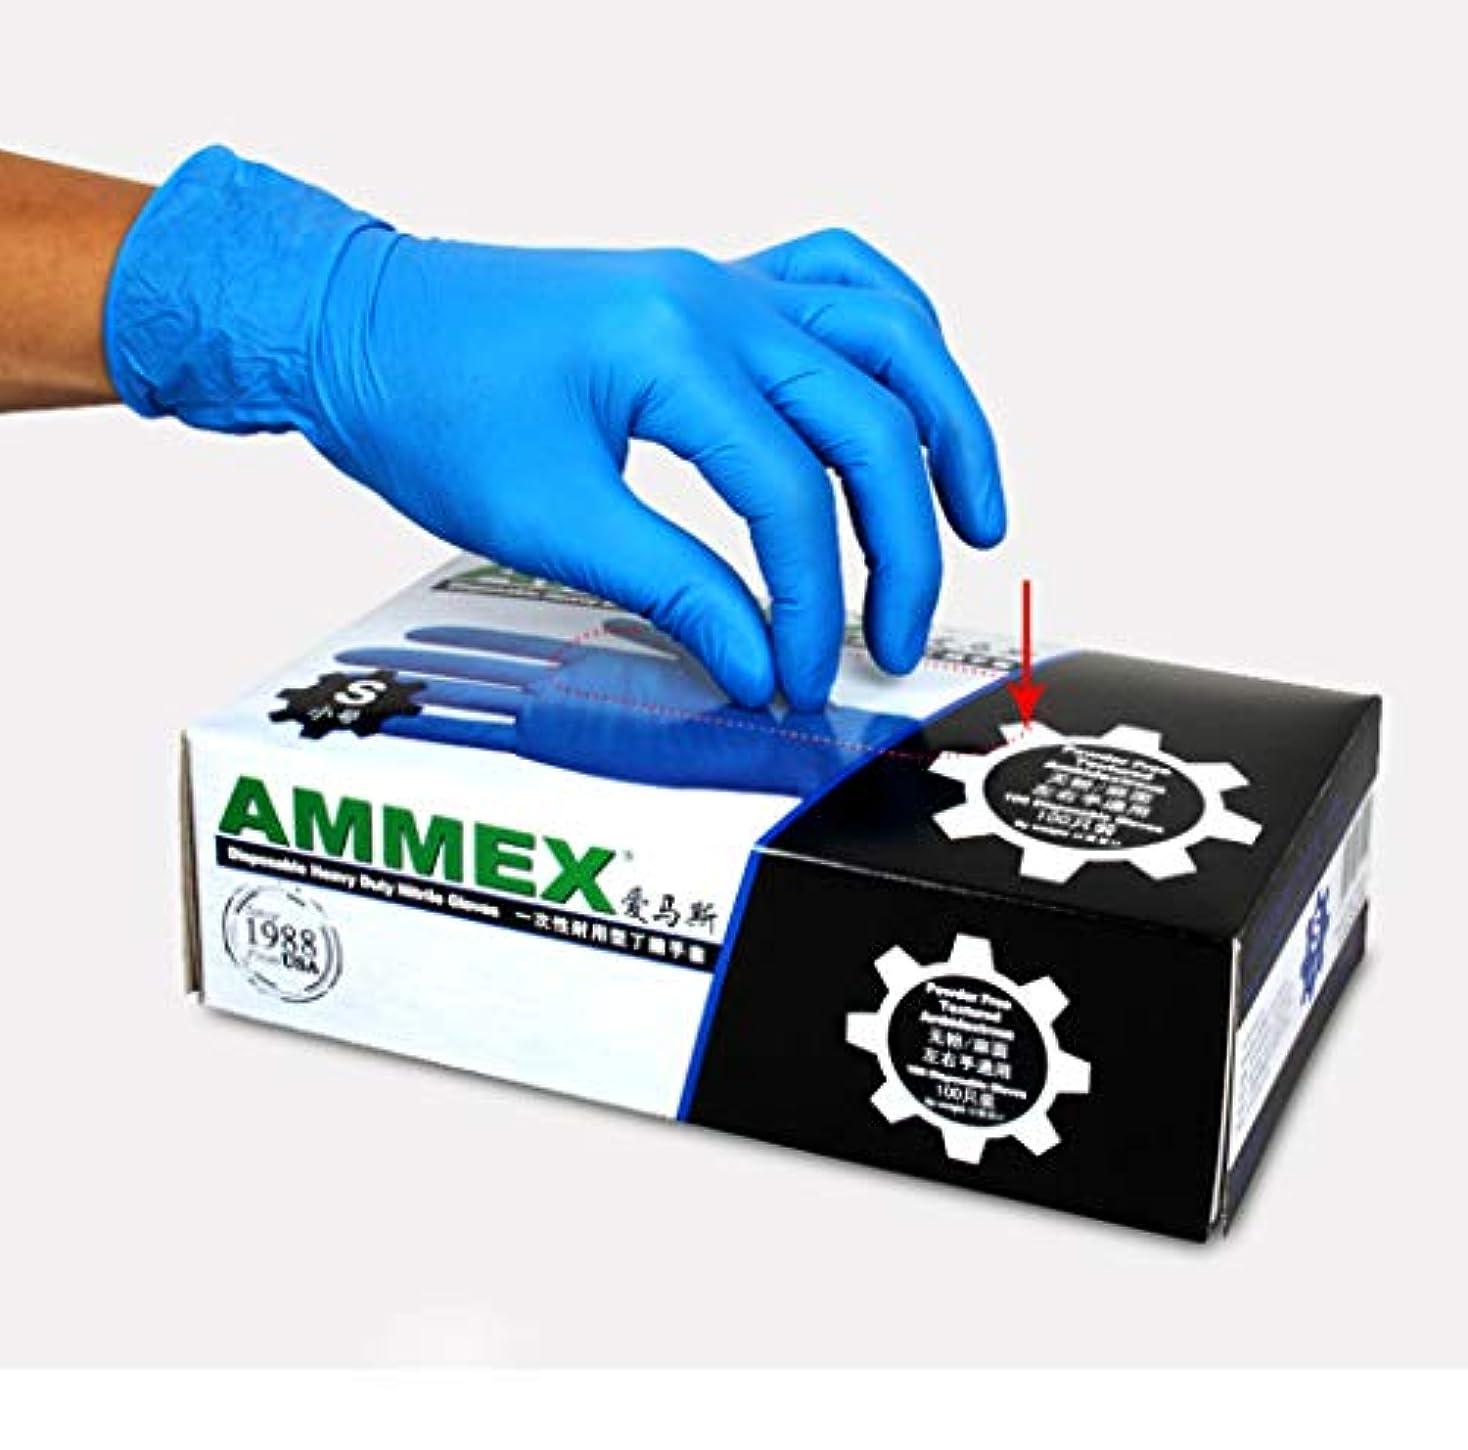 確認満たすバウンス使い捨て手袋、粉末フリー、食品グレードの手袋、青、ラテックスフリー、手袋、100 / Box,S100/Box